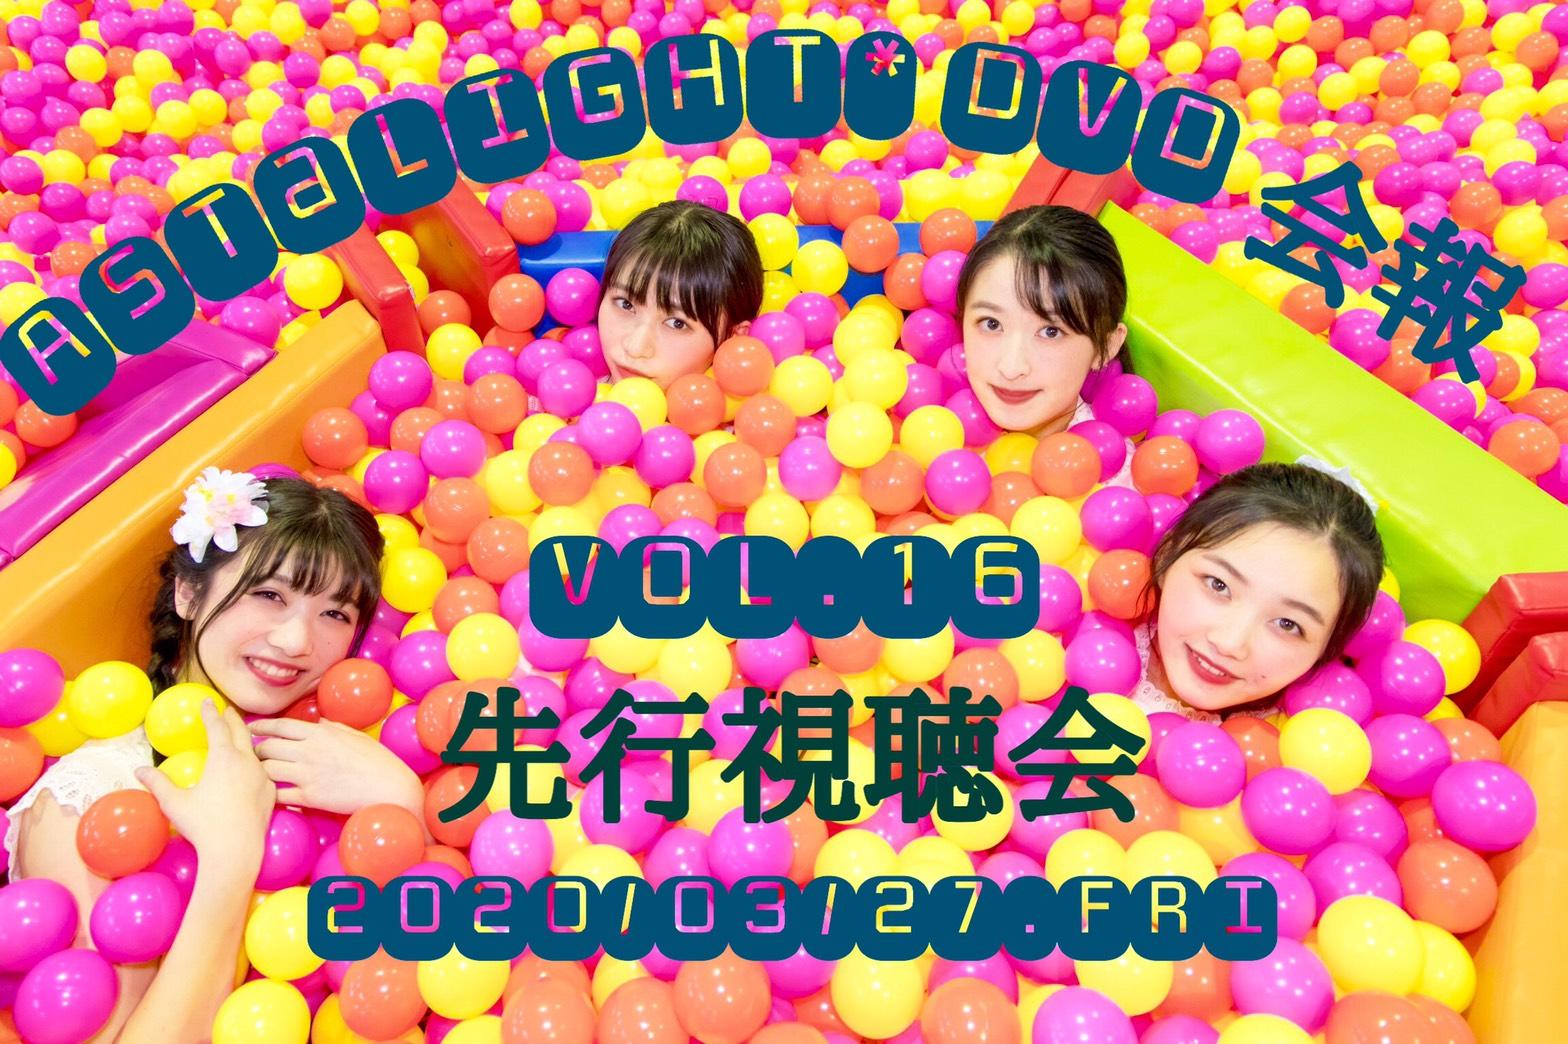 ※3/12付 情報更新※【Astalight*】DVD会報vol.16先行視聴会